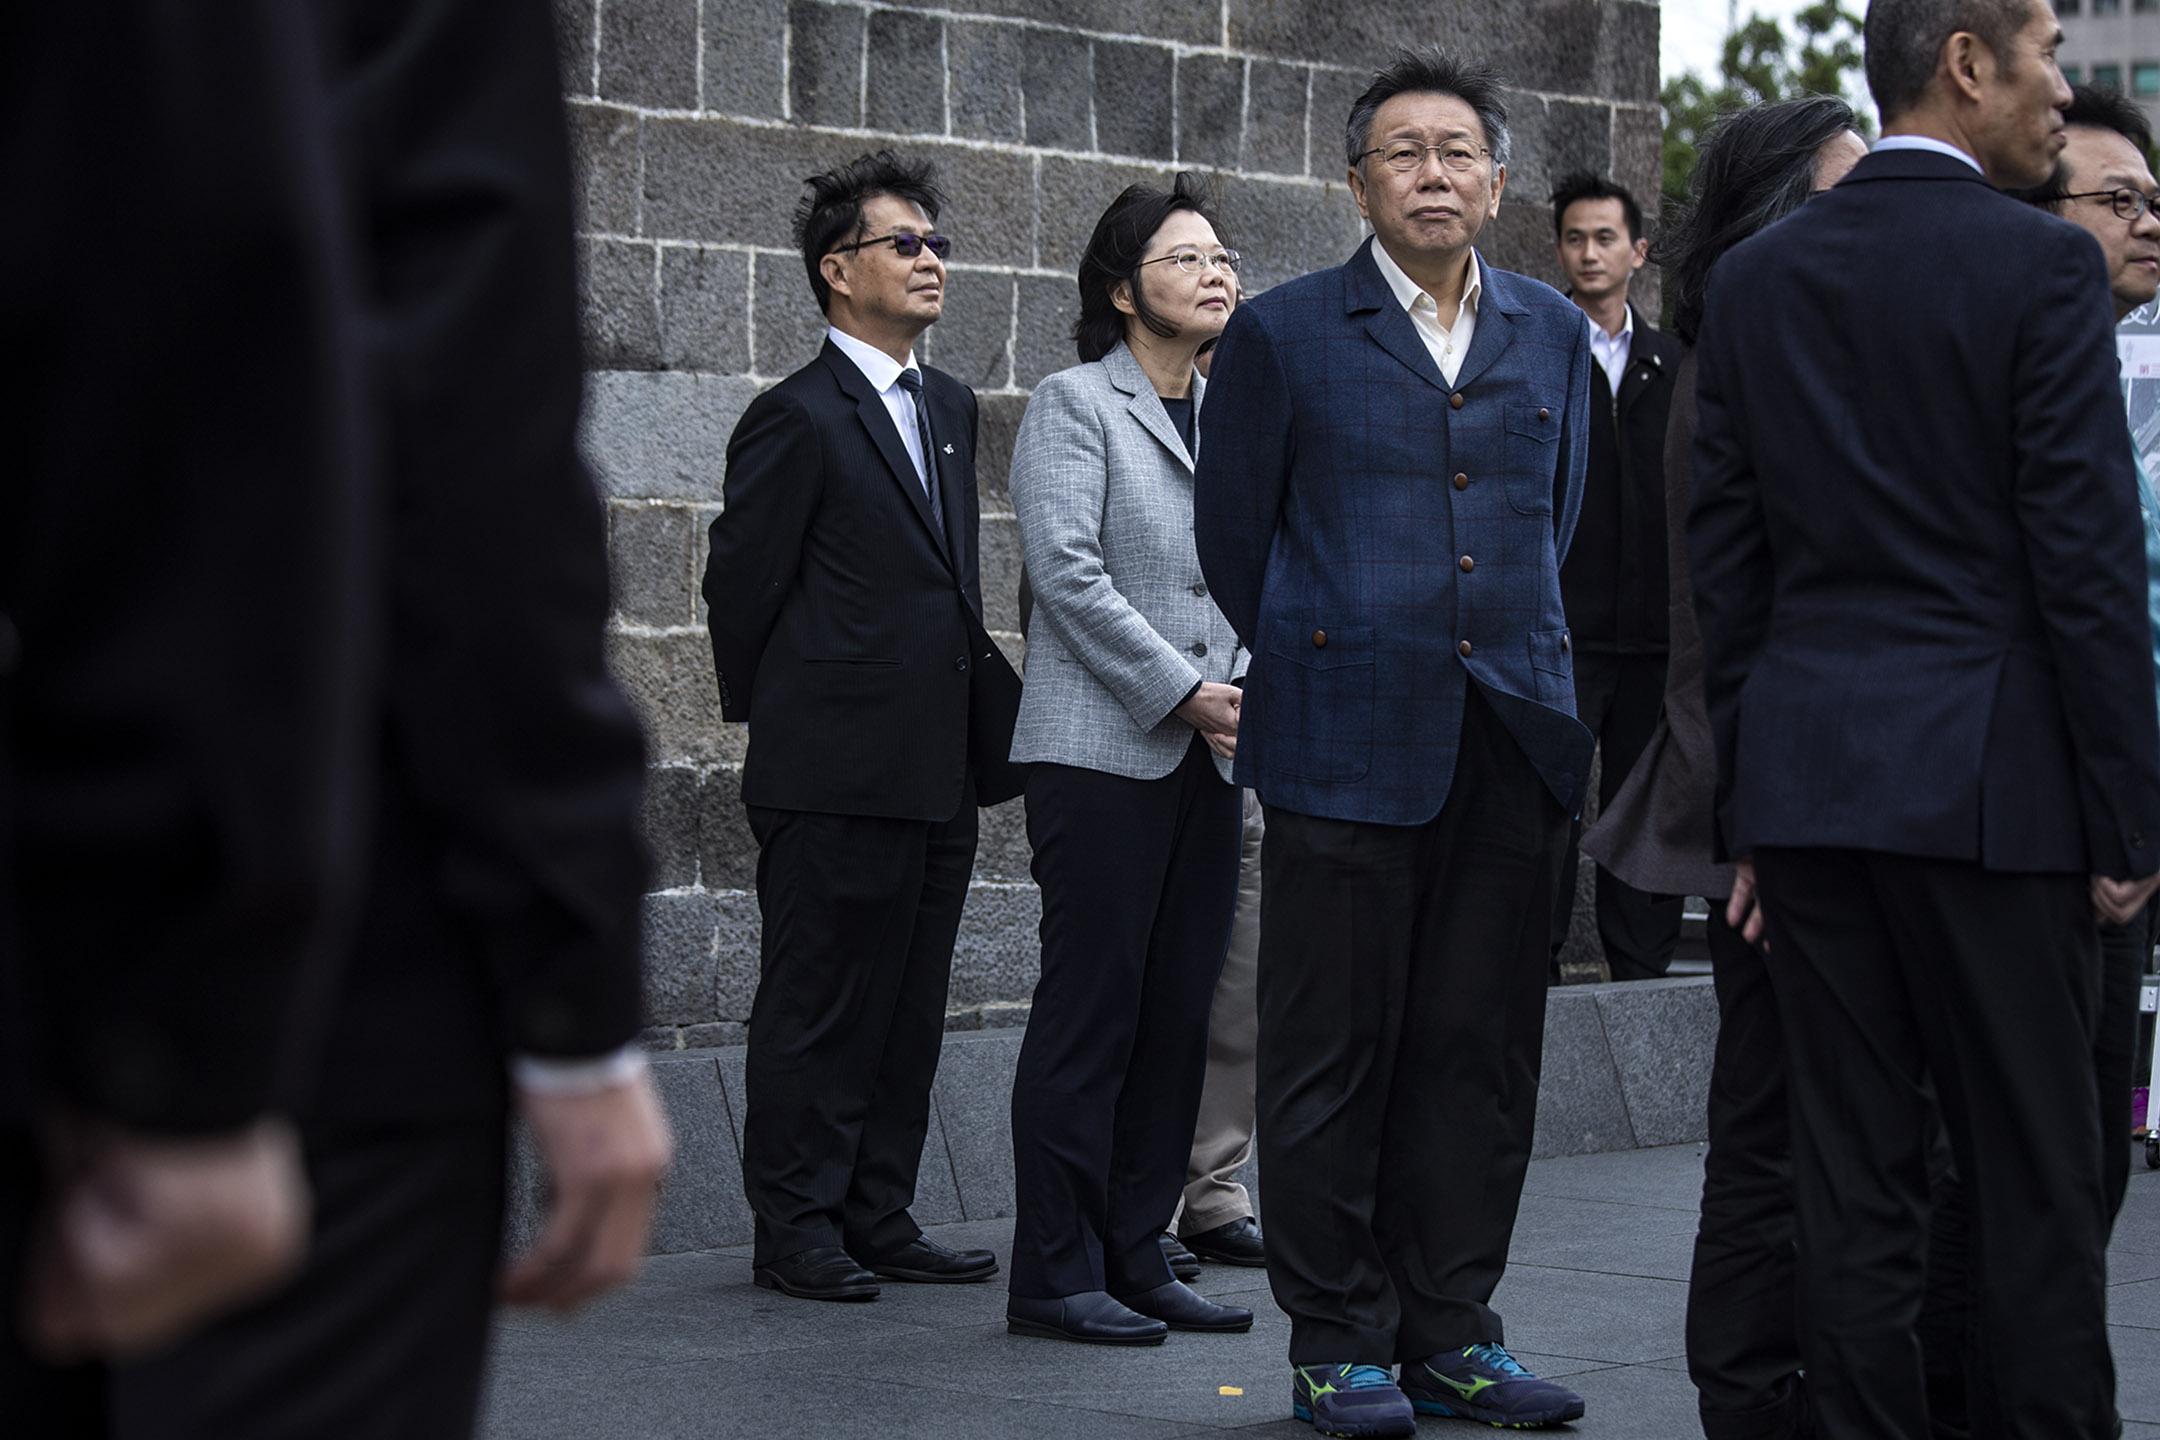 2018年12月13日,台北市長柯文哲與總統蔡英文會面,聽取「西區門戶計畫」相關成果。 攝:陳焯煇/端傳媒